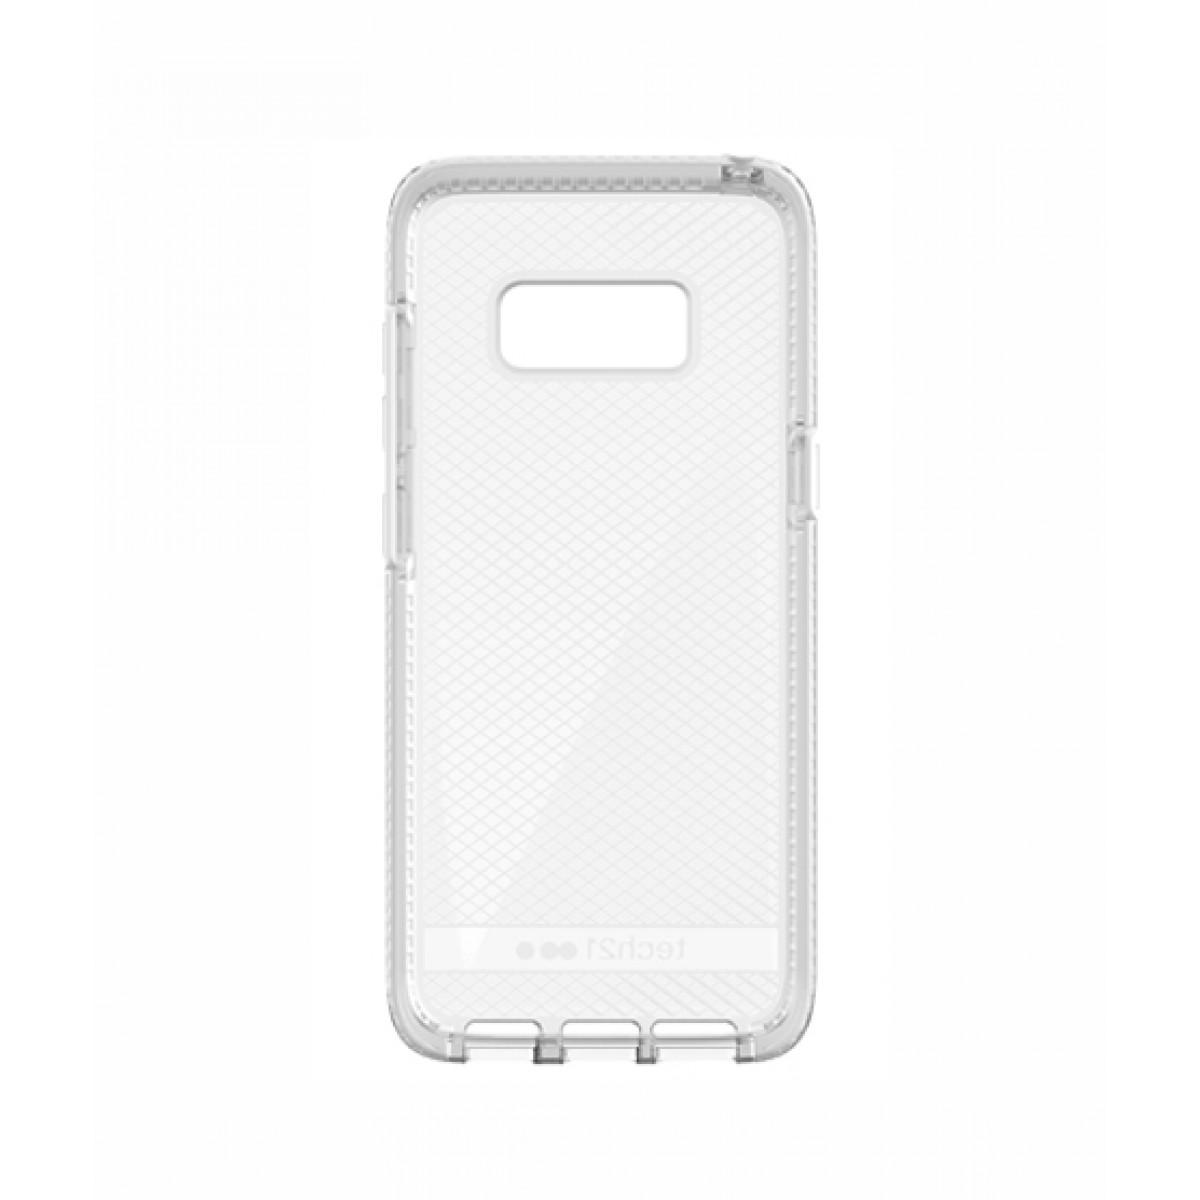 pretty nice 80454 e06f4 Tech21 Evo Check Clear/White Case For Galaxy S8